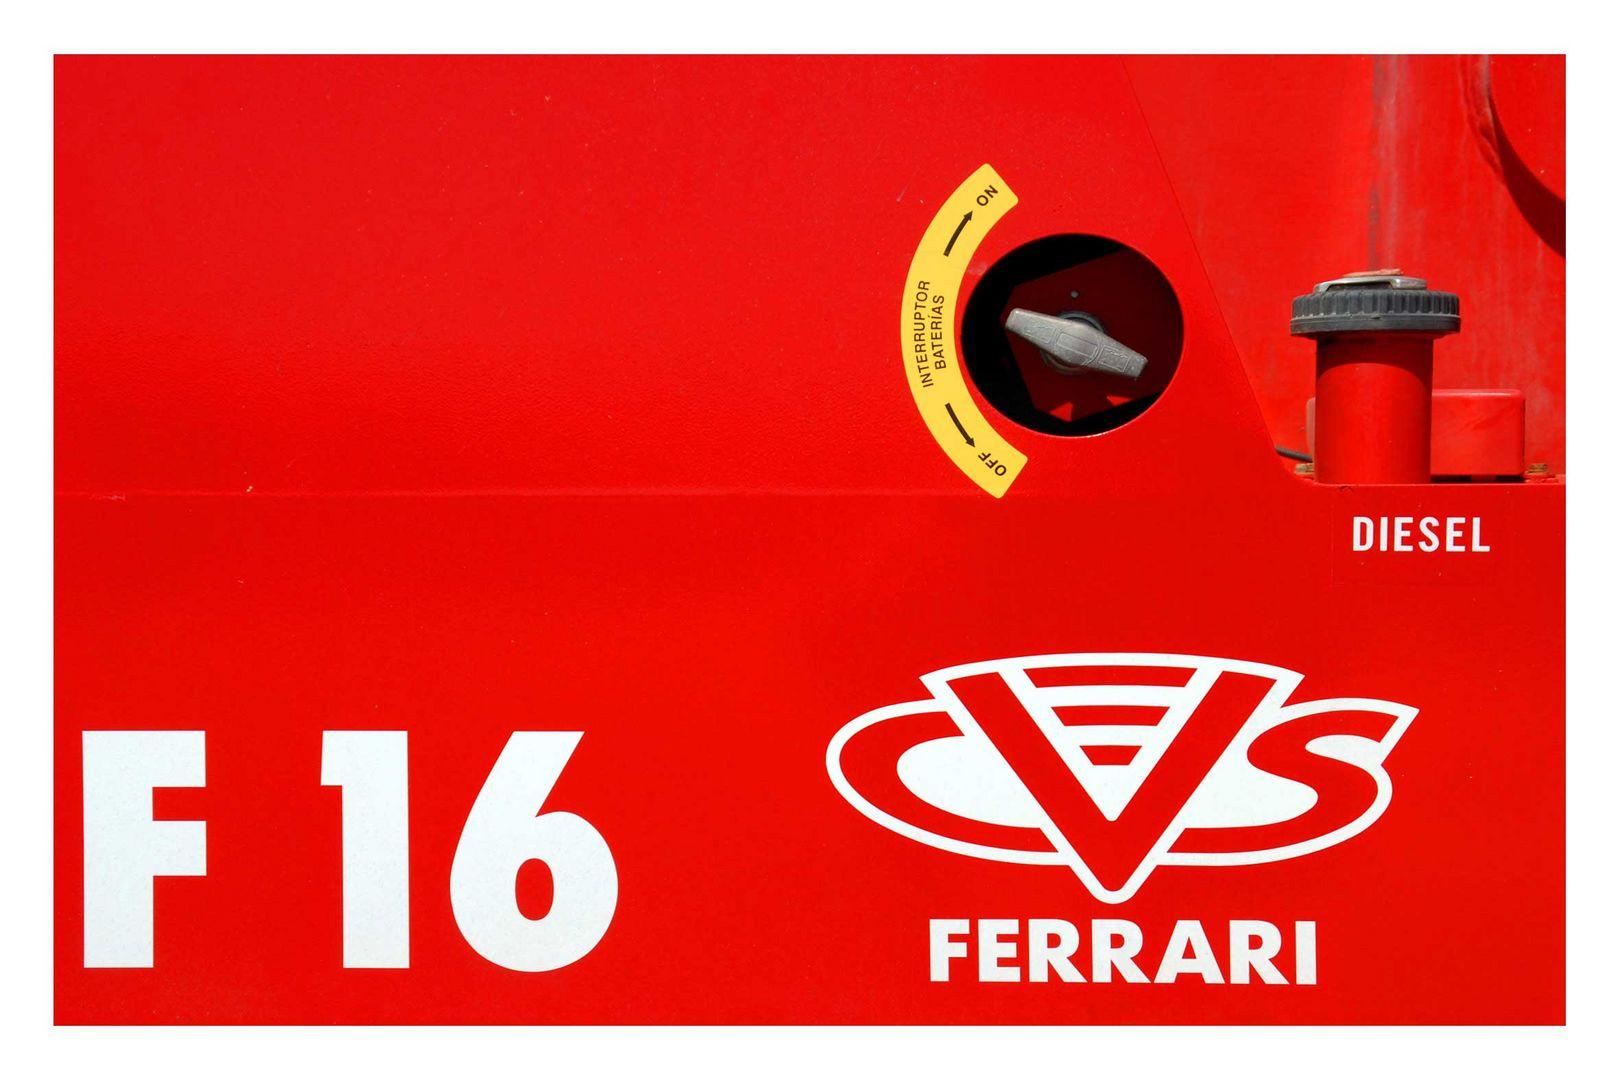 Ferrari F 16 Diesel ??? ..... Stapler